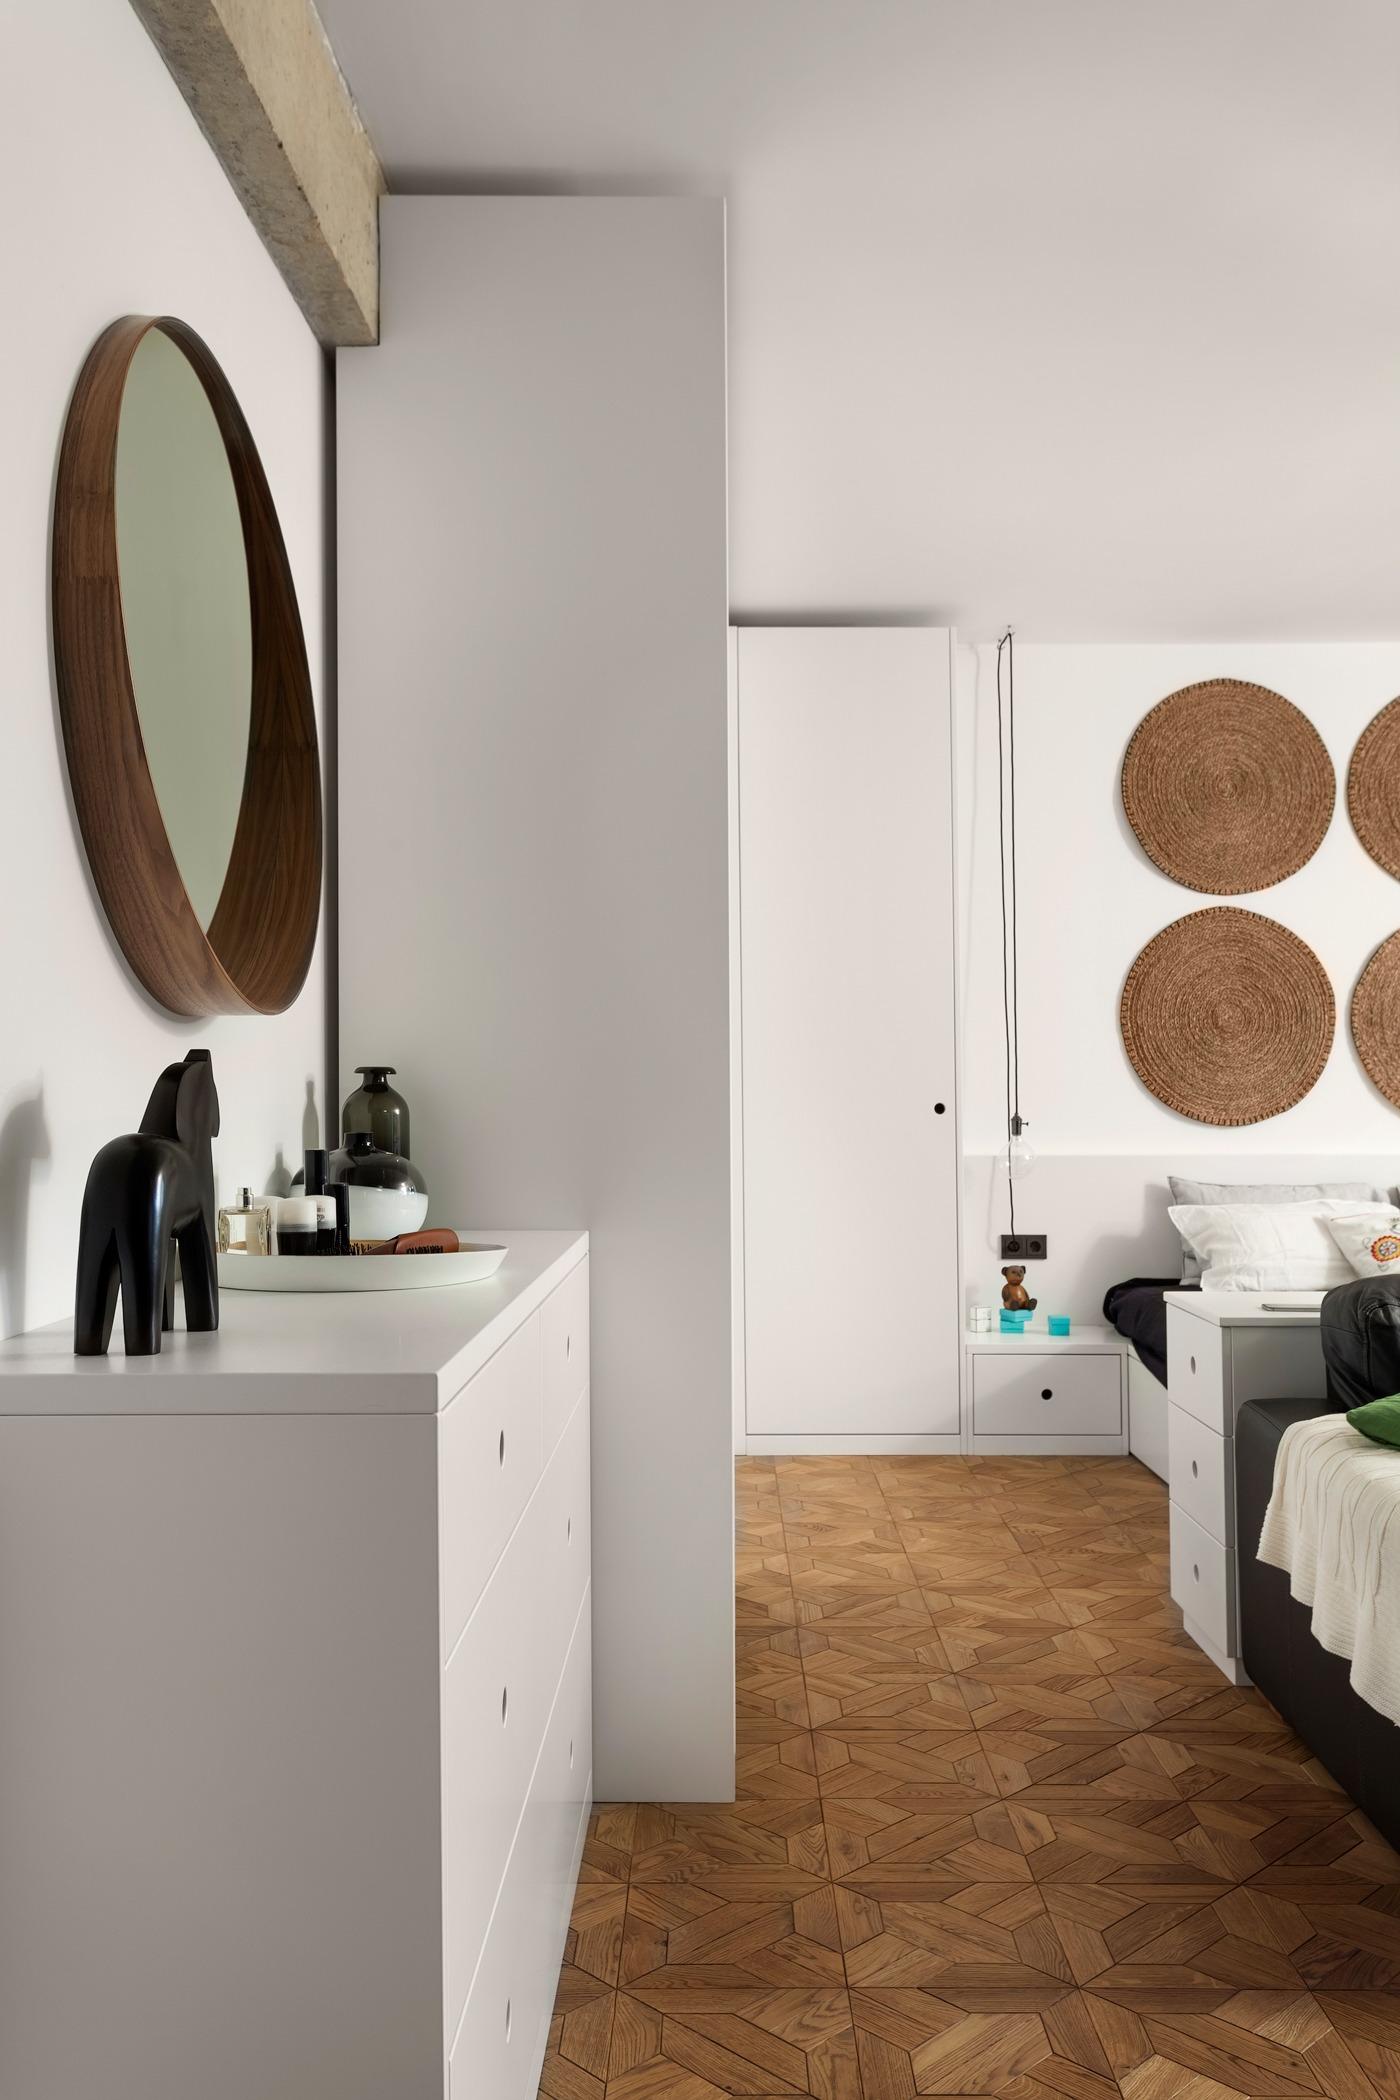 Оформление маленькой квартиры студии в чёрно-белом цвете - фото 5